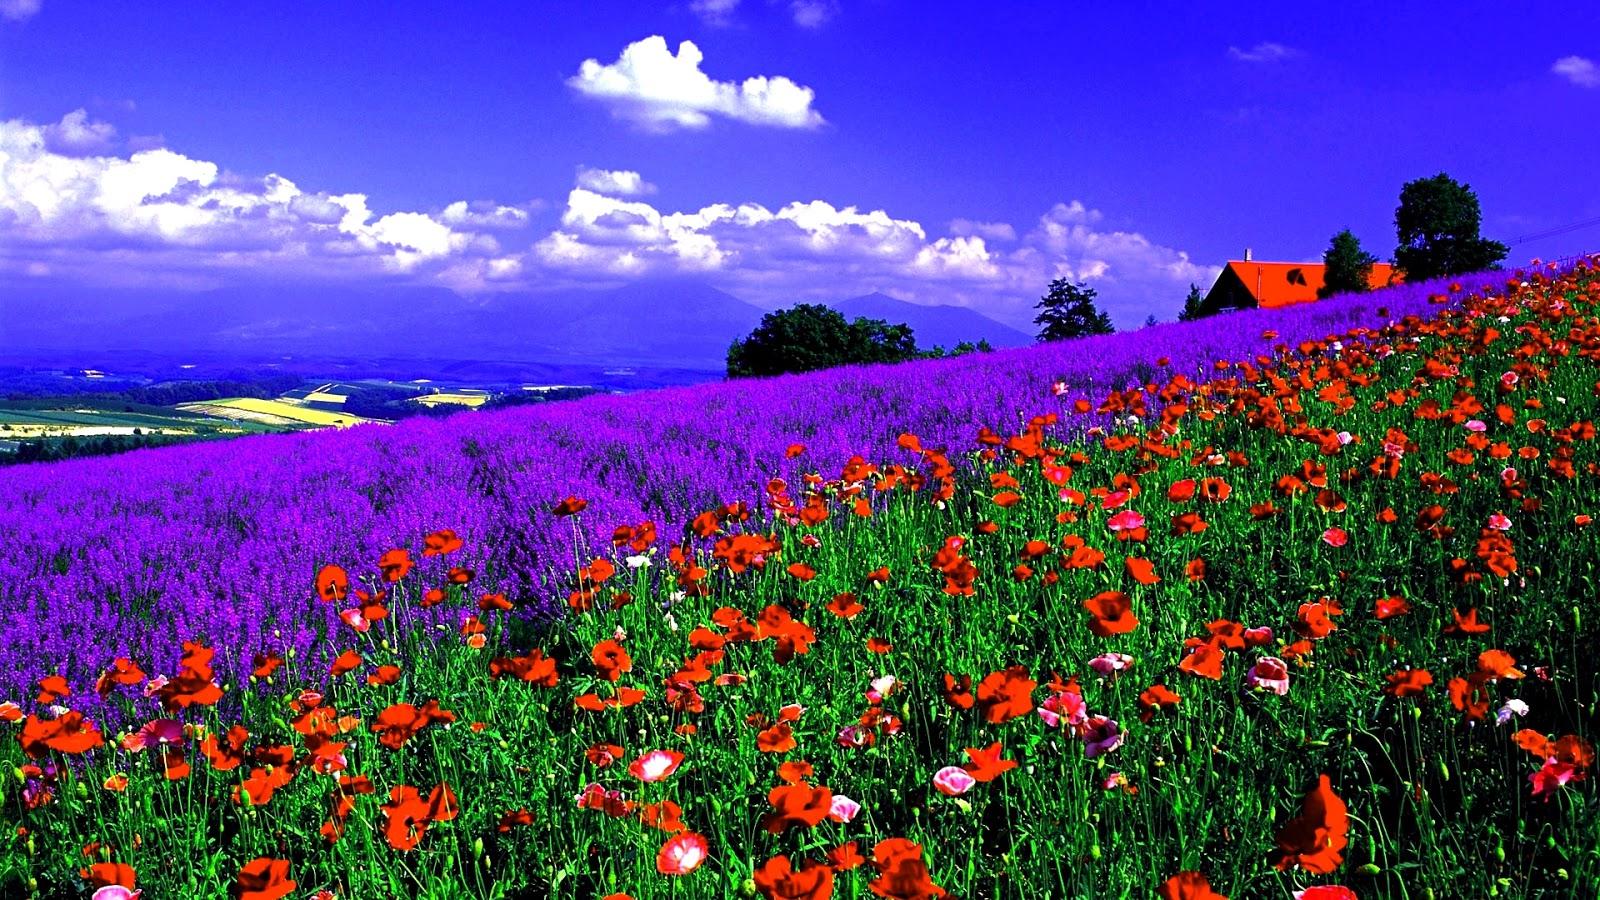 Fond D Ecran Gratuit Fleurs Des Champs Fond D Ecran Picturesque Fields 1600x900 Download Hd Wallpaper Wallpapertip